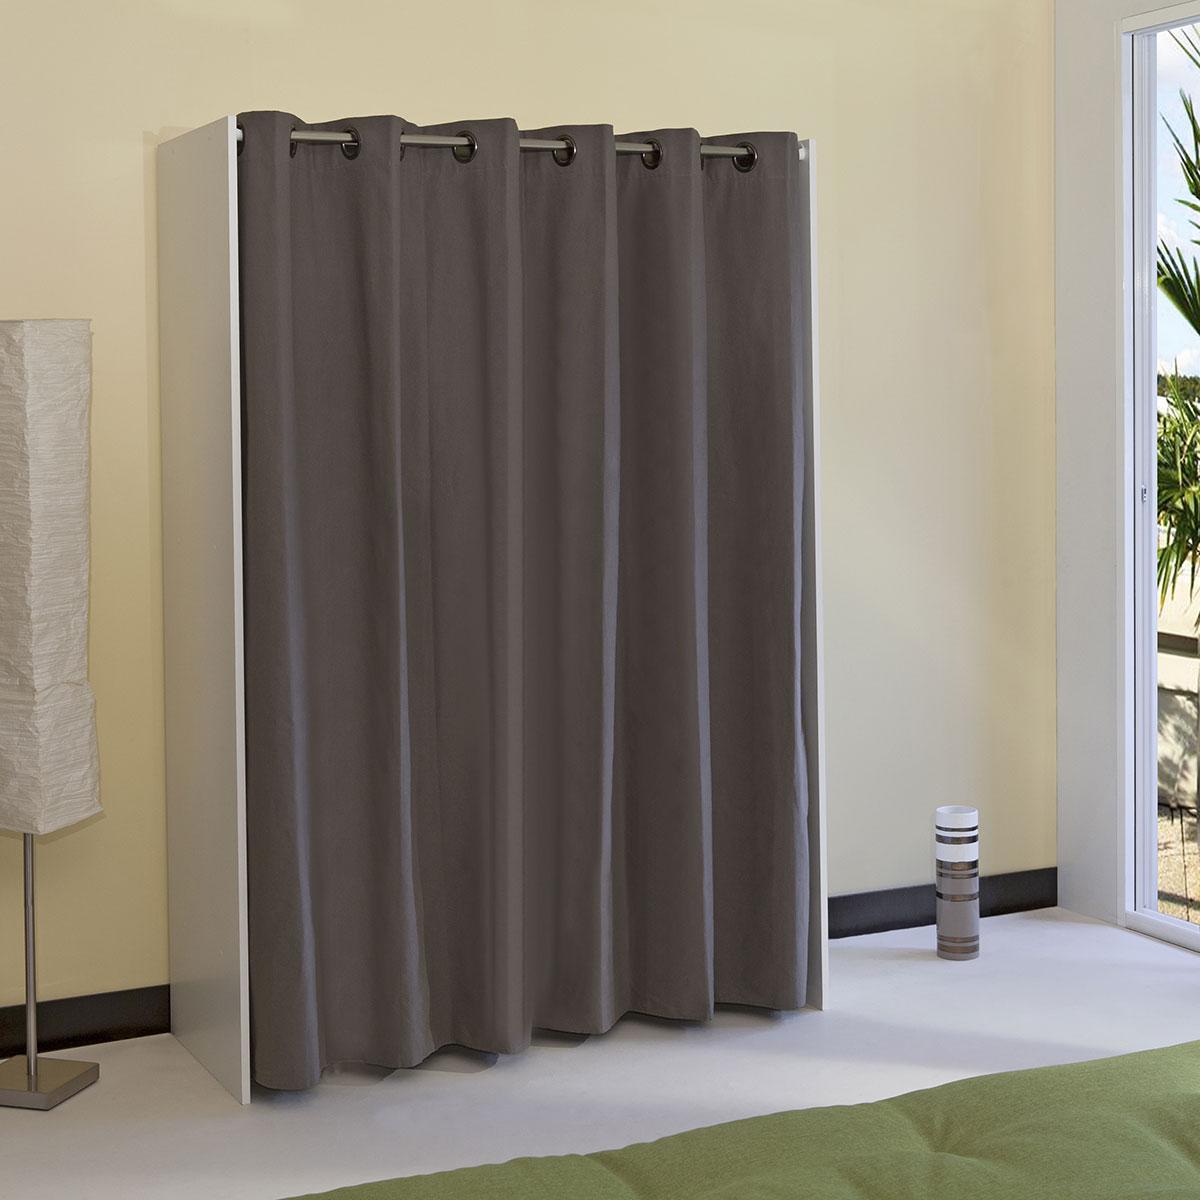 Armoire dressing extensible 1 colonne avec rideau